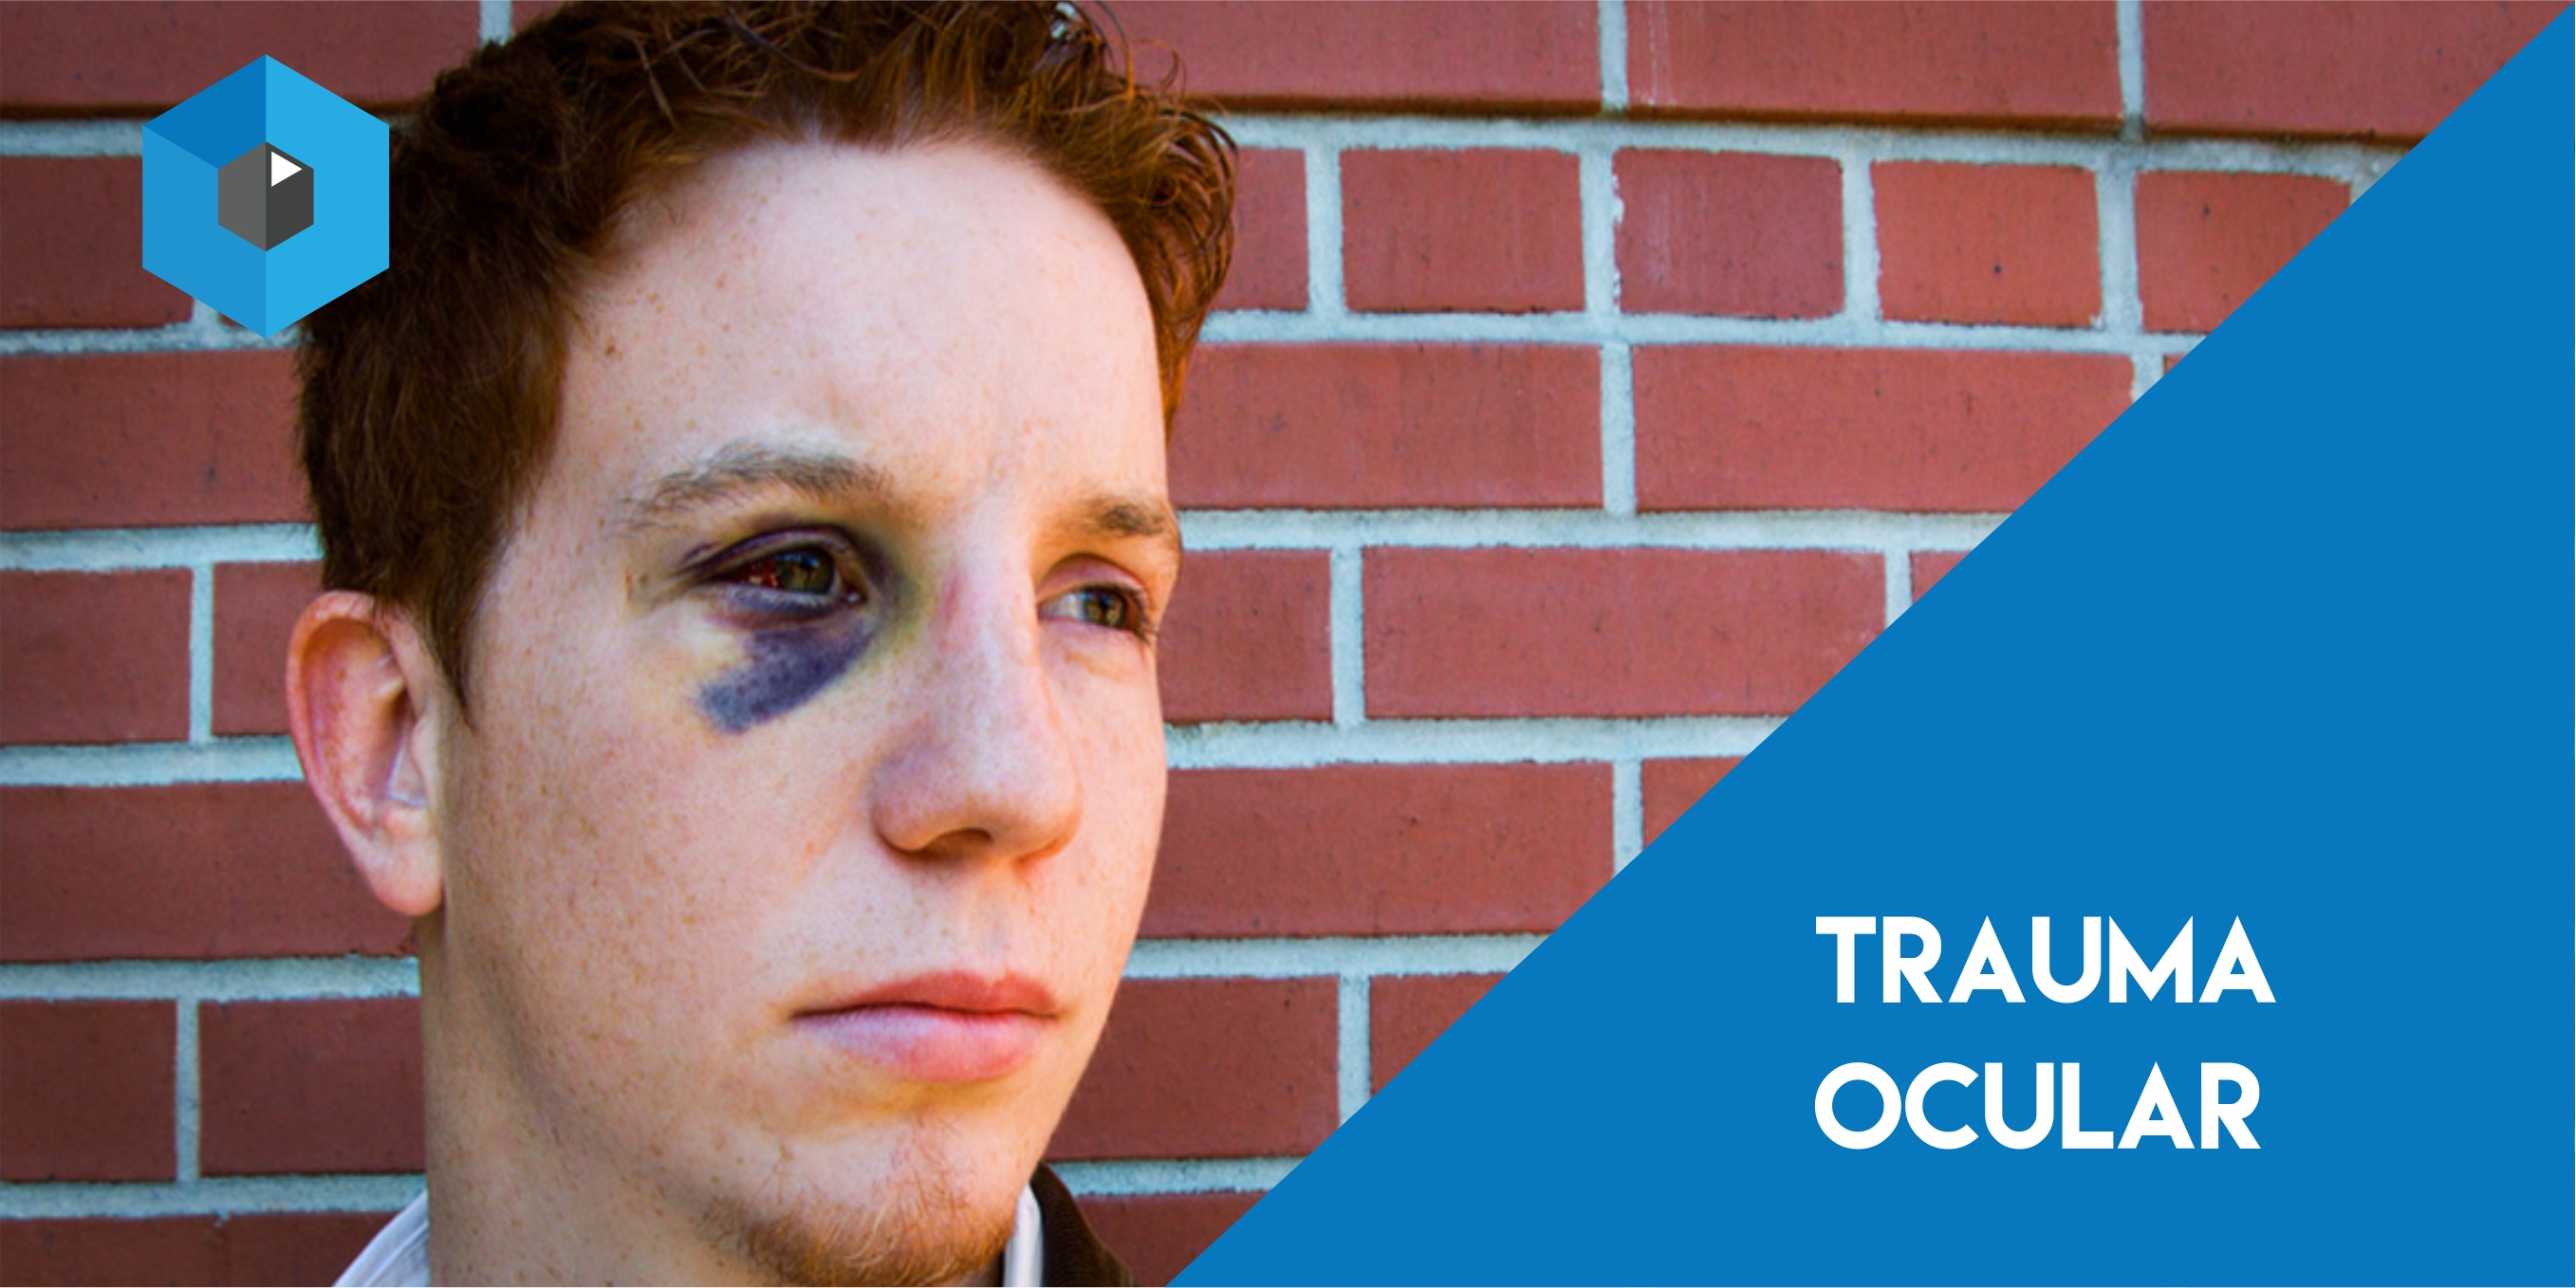 Trauma na região dos olhos pode causar perda da visão